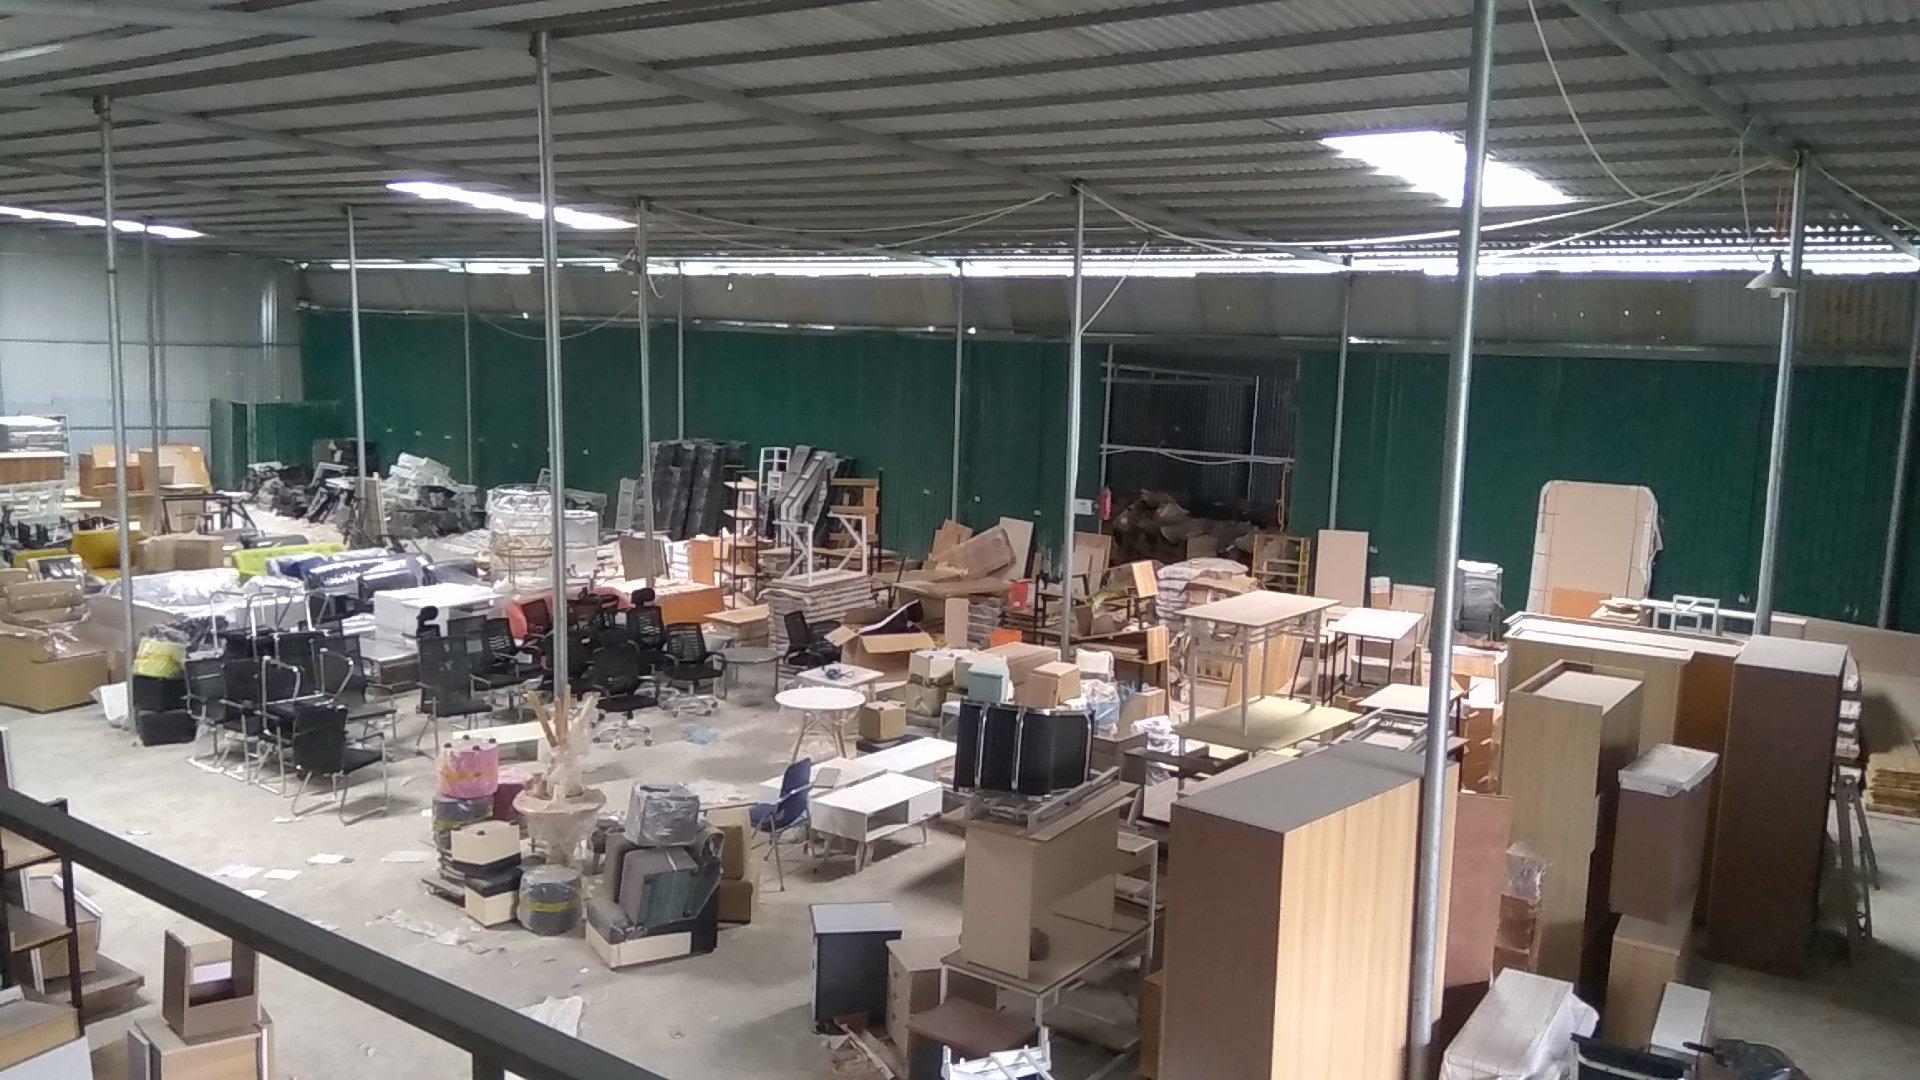 Mua đồ nội thất phòng ngủ tại kho hàng nội thất Lương Sơn